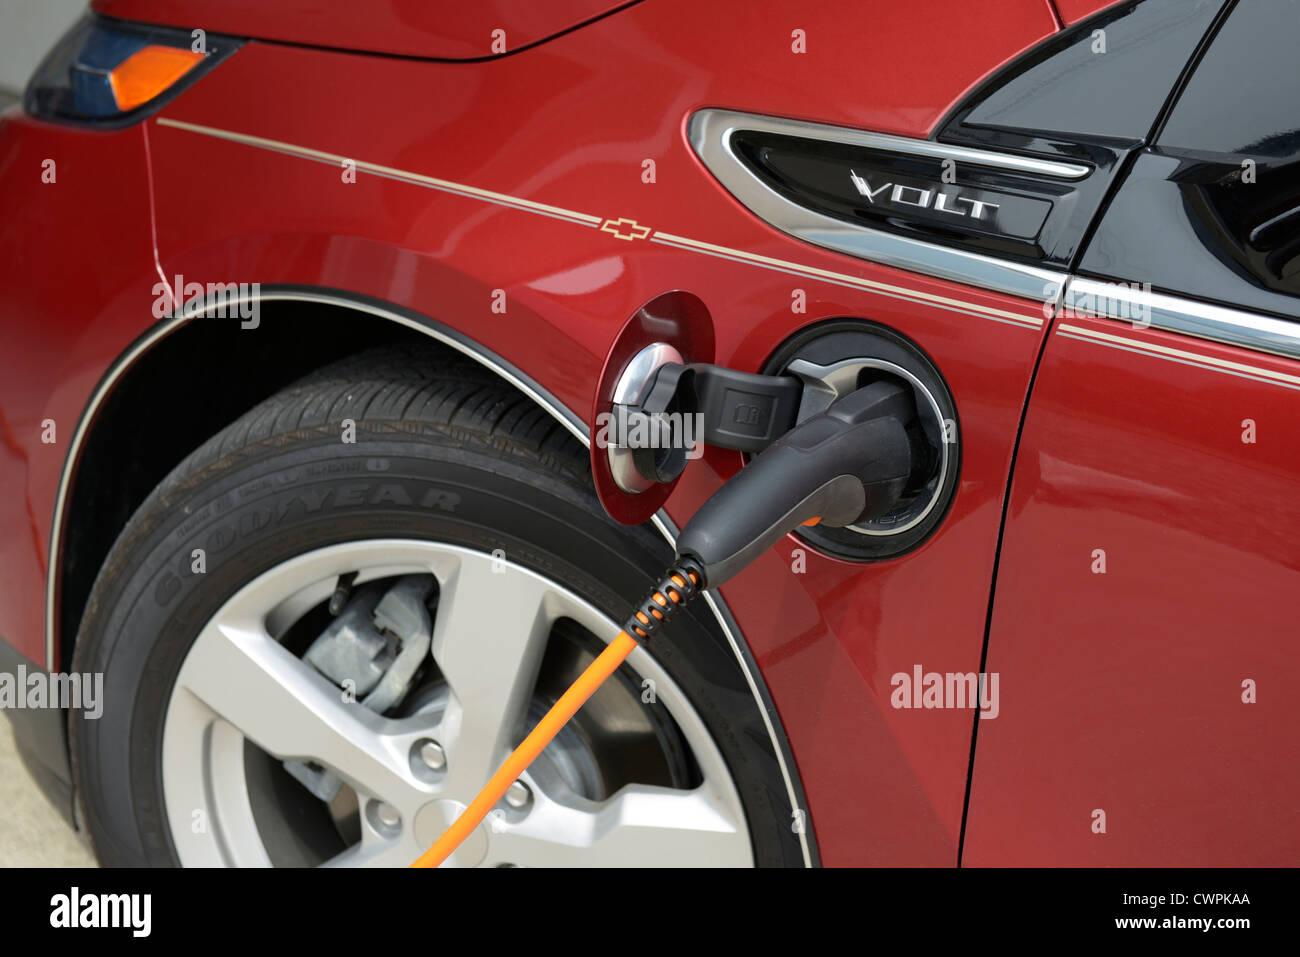 Chevrolet Volt, auto elettriche, ricarica Immagini Stock